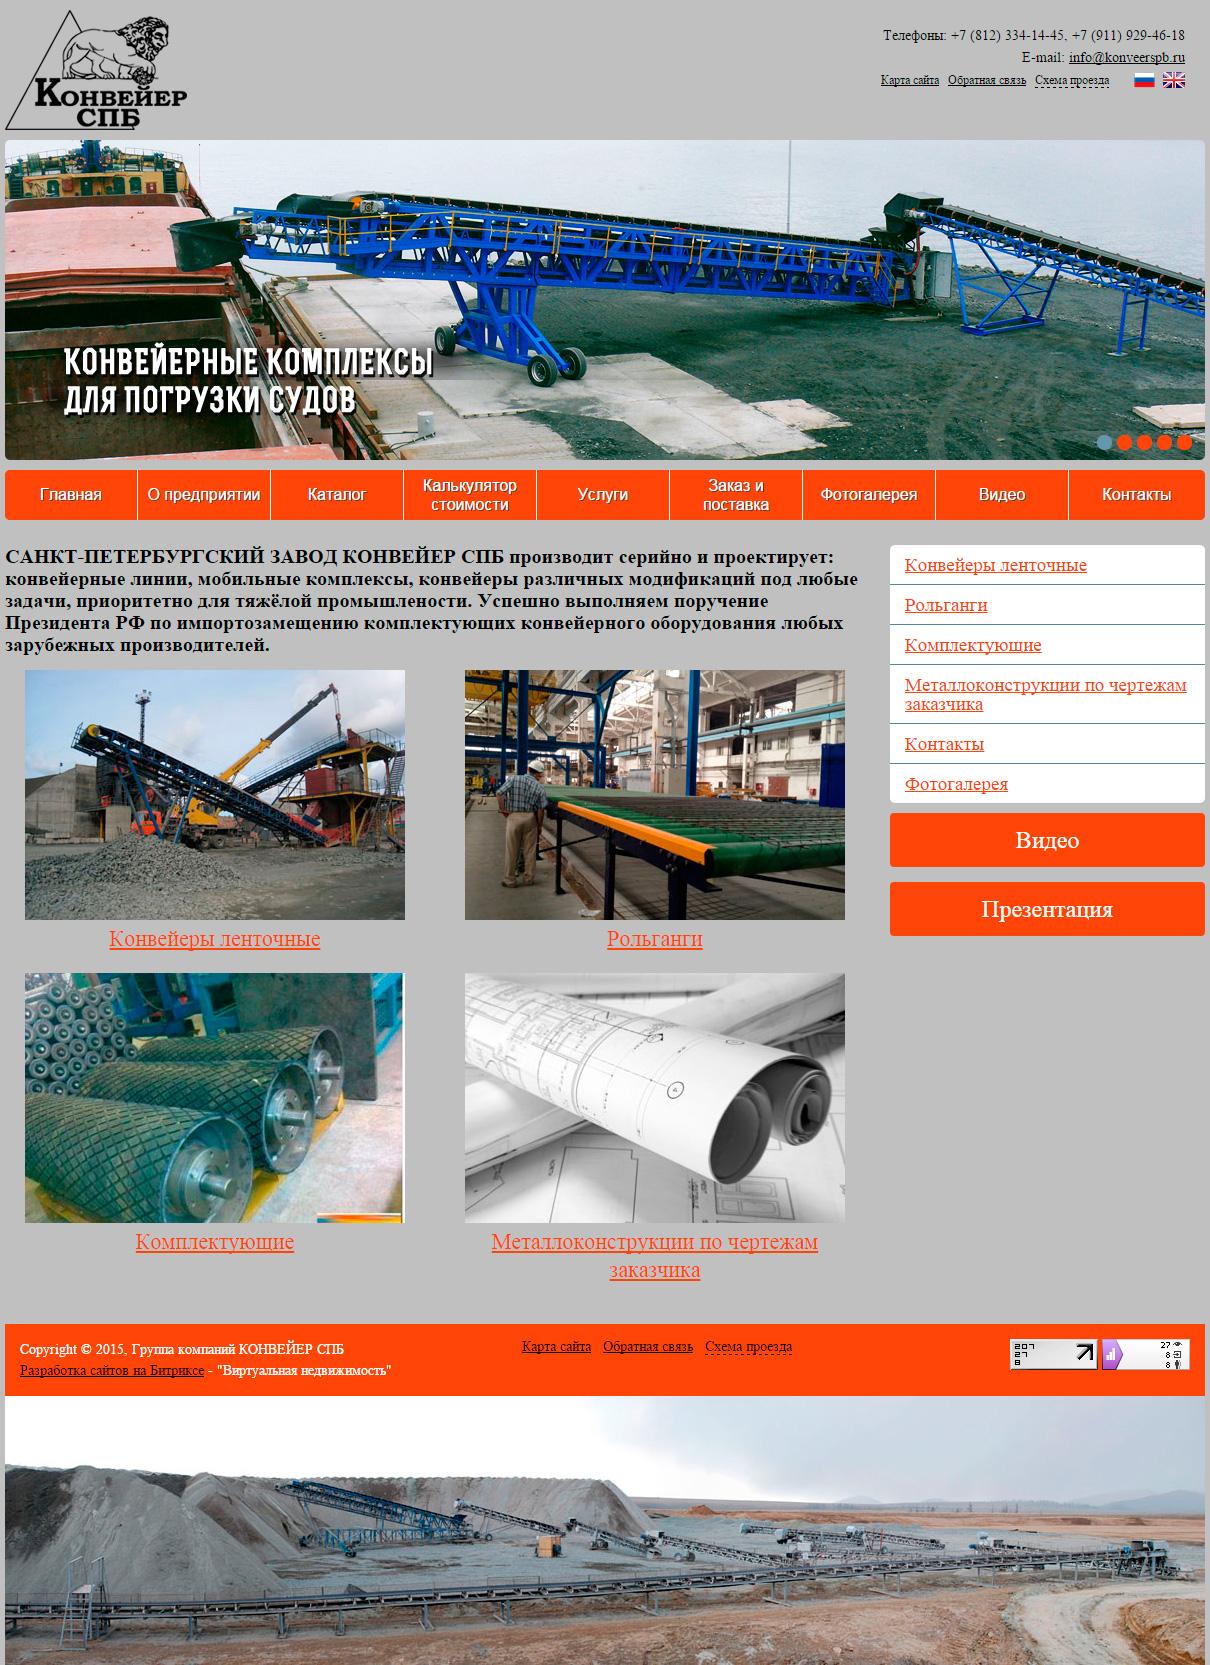 Сайт конвейер спб скребки на ленточные конвейера